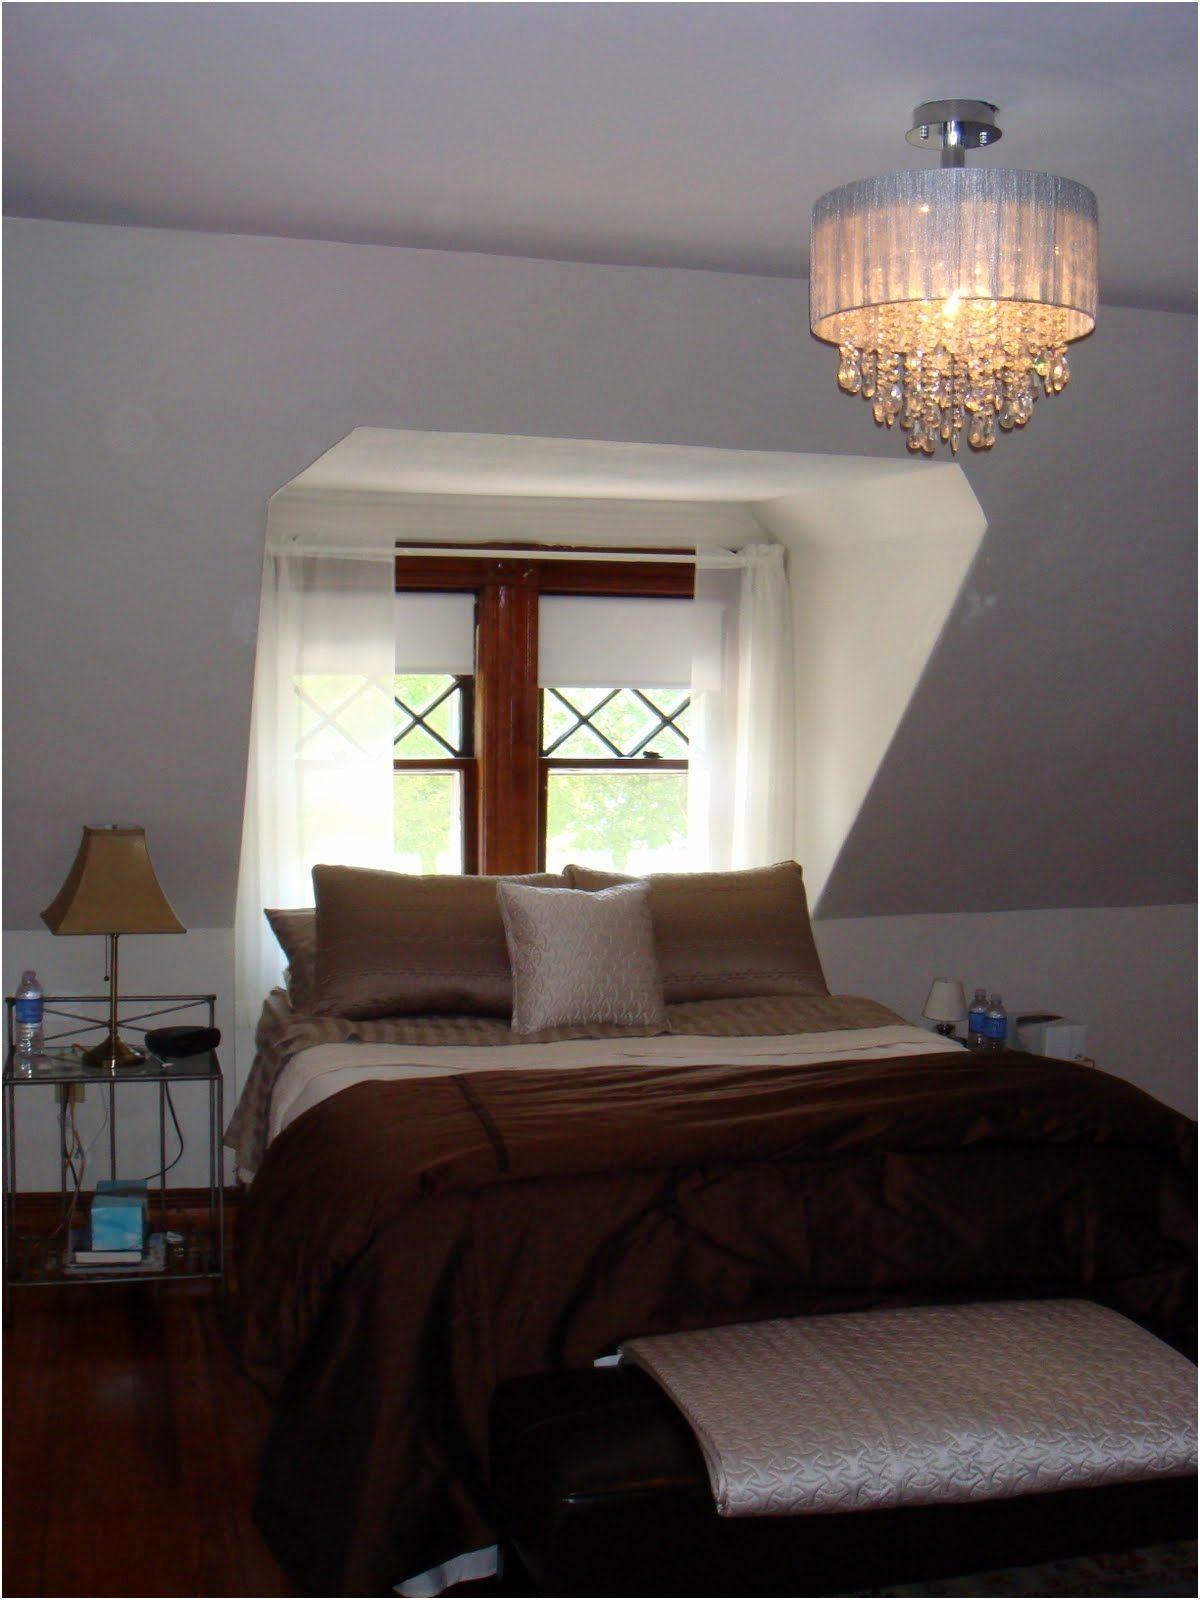 Full Size of Schlafzimmer Wandlampe Wandleuchte Dimmbar Modern Mit Schalter Tapeten Kommode Gardinen Für Lampe Günstig Deckenleuchte Teppich Vorhänge Landhausstil Weiß Schlafzimmer Schlafzimmer Wandlampe